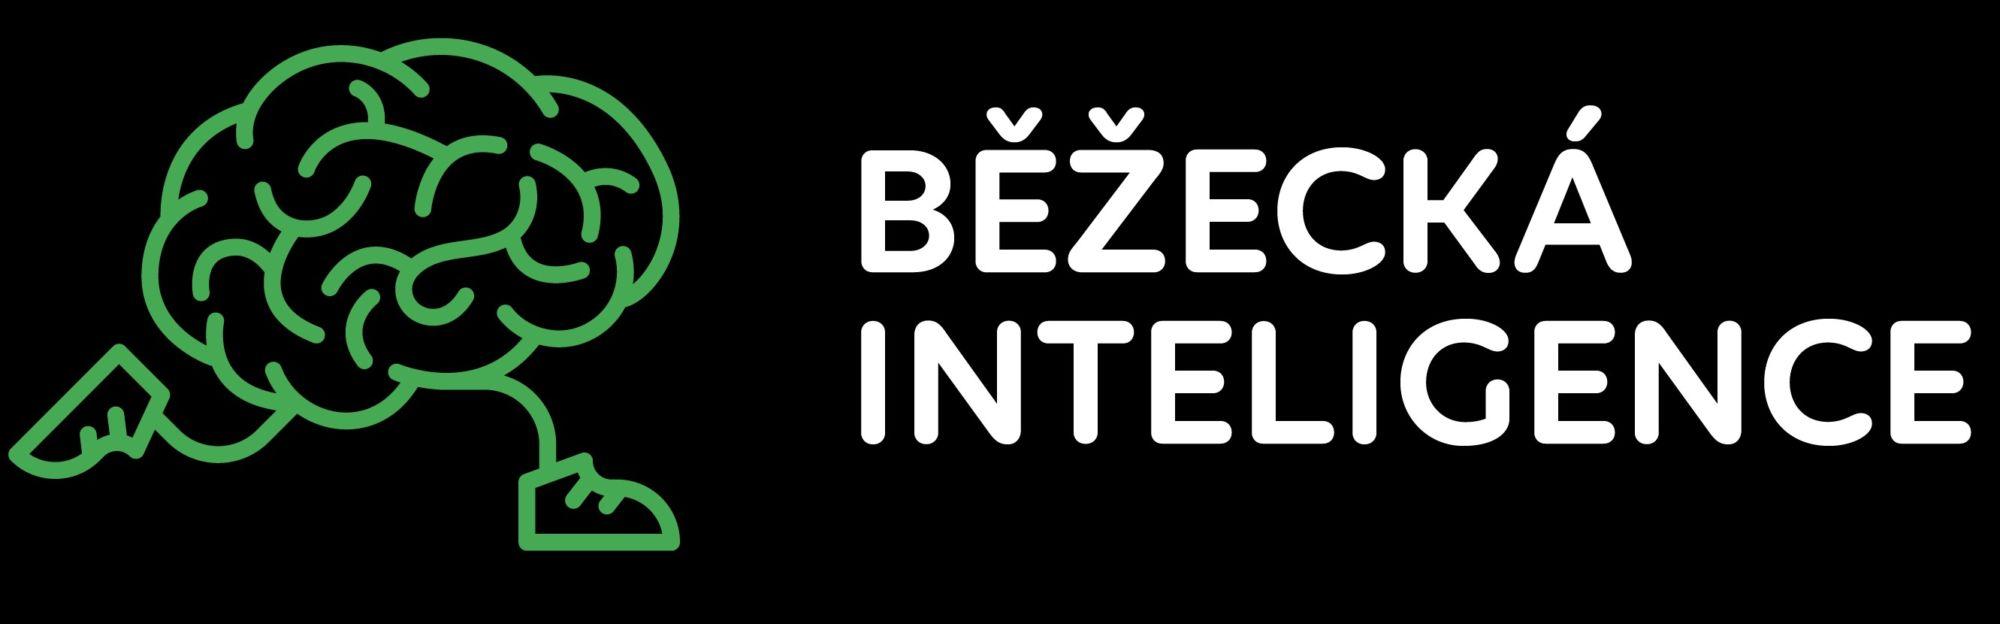 bezeckainteligence.cz